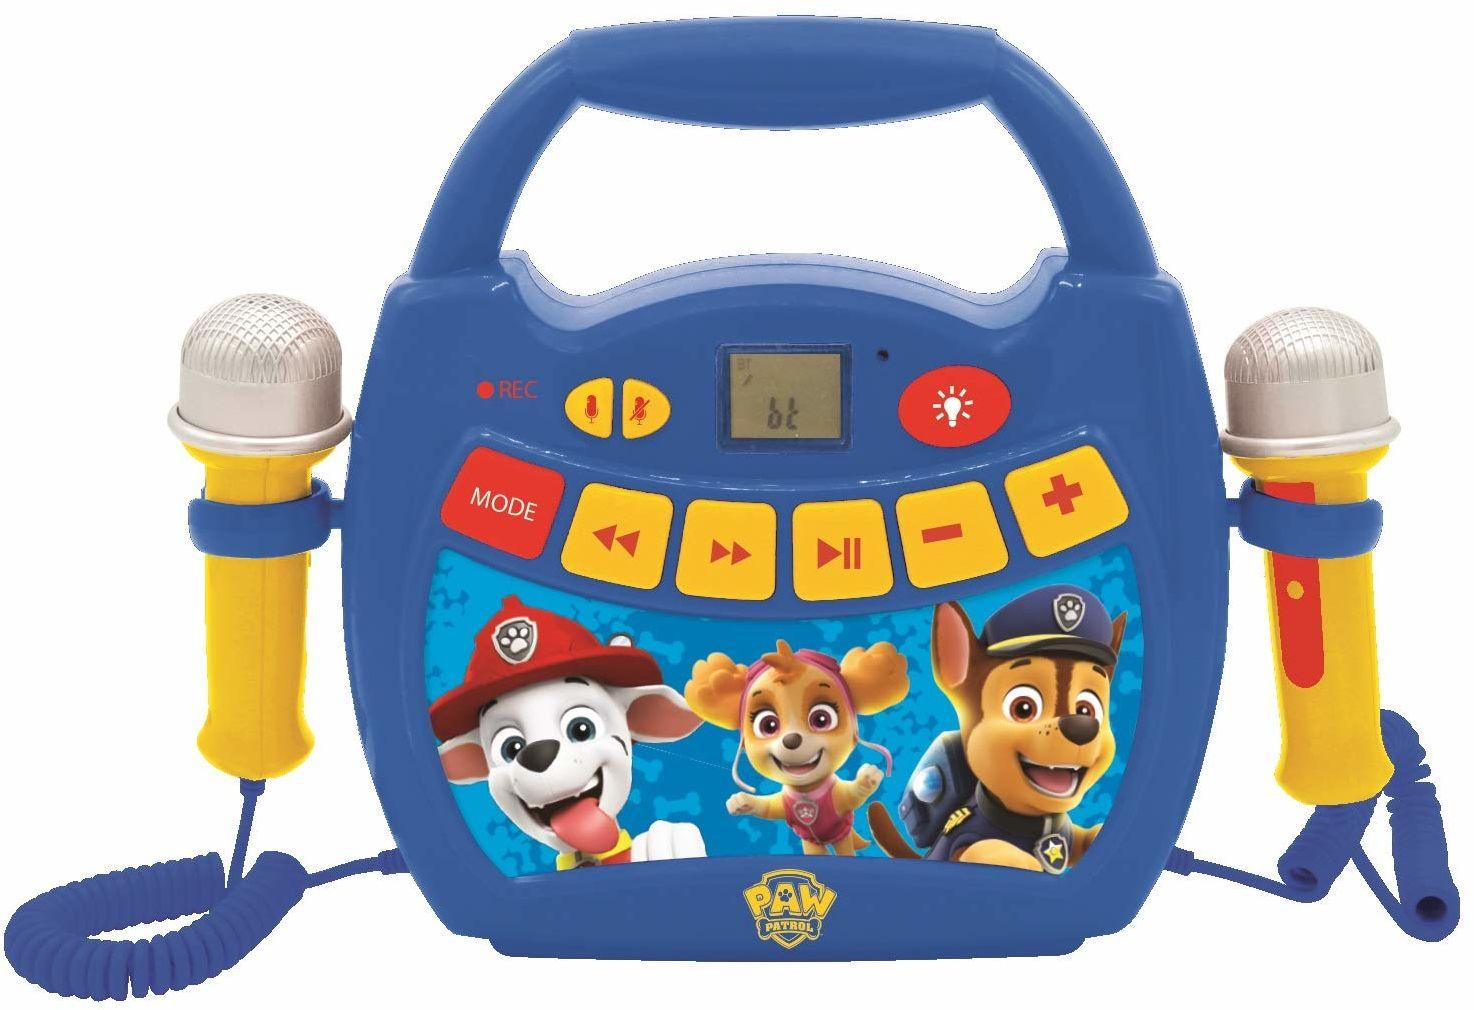 LEXIBOOK MP320PAZ Paw Patrol przenośny odtwarzacz cyfrowy karaoke dla dzieci  mikrofony, efekty świetlne, Bluetooth, funkcja nagrywania i zmiany głosu, akumulator do ładowania, niebieski/czerwony